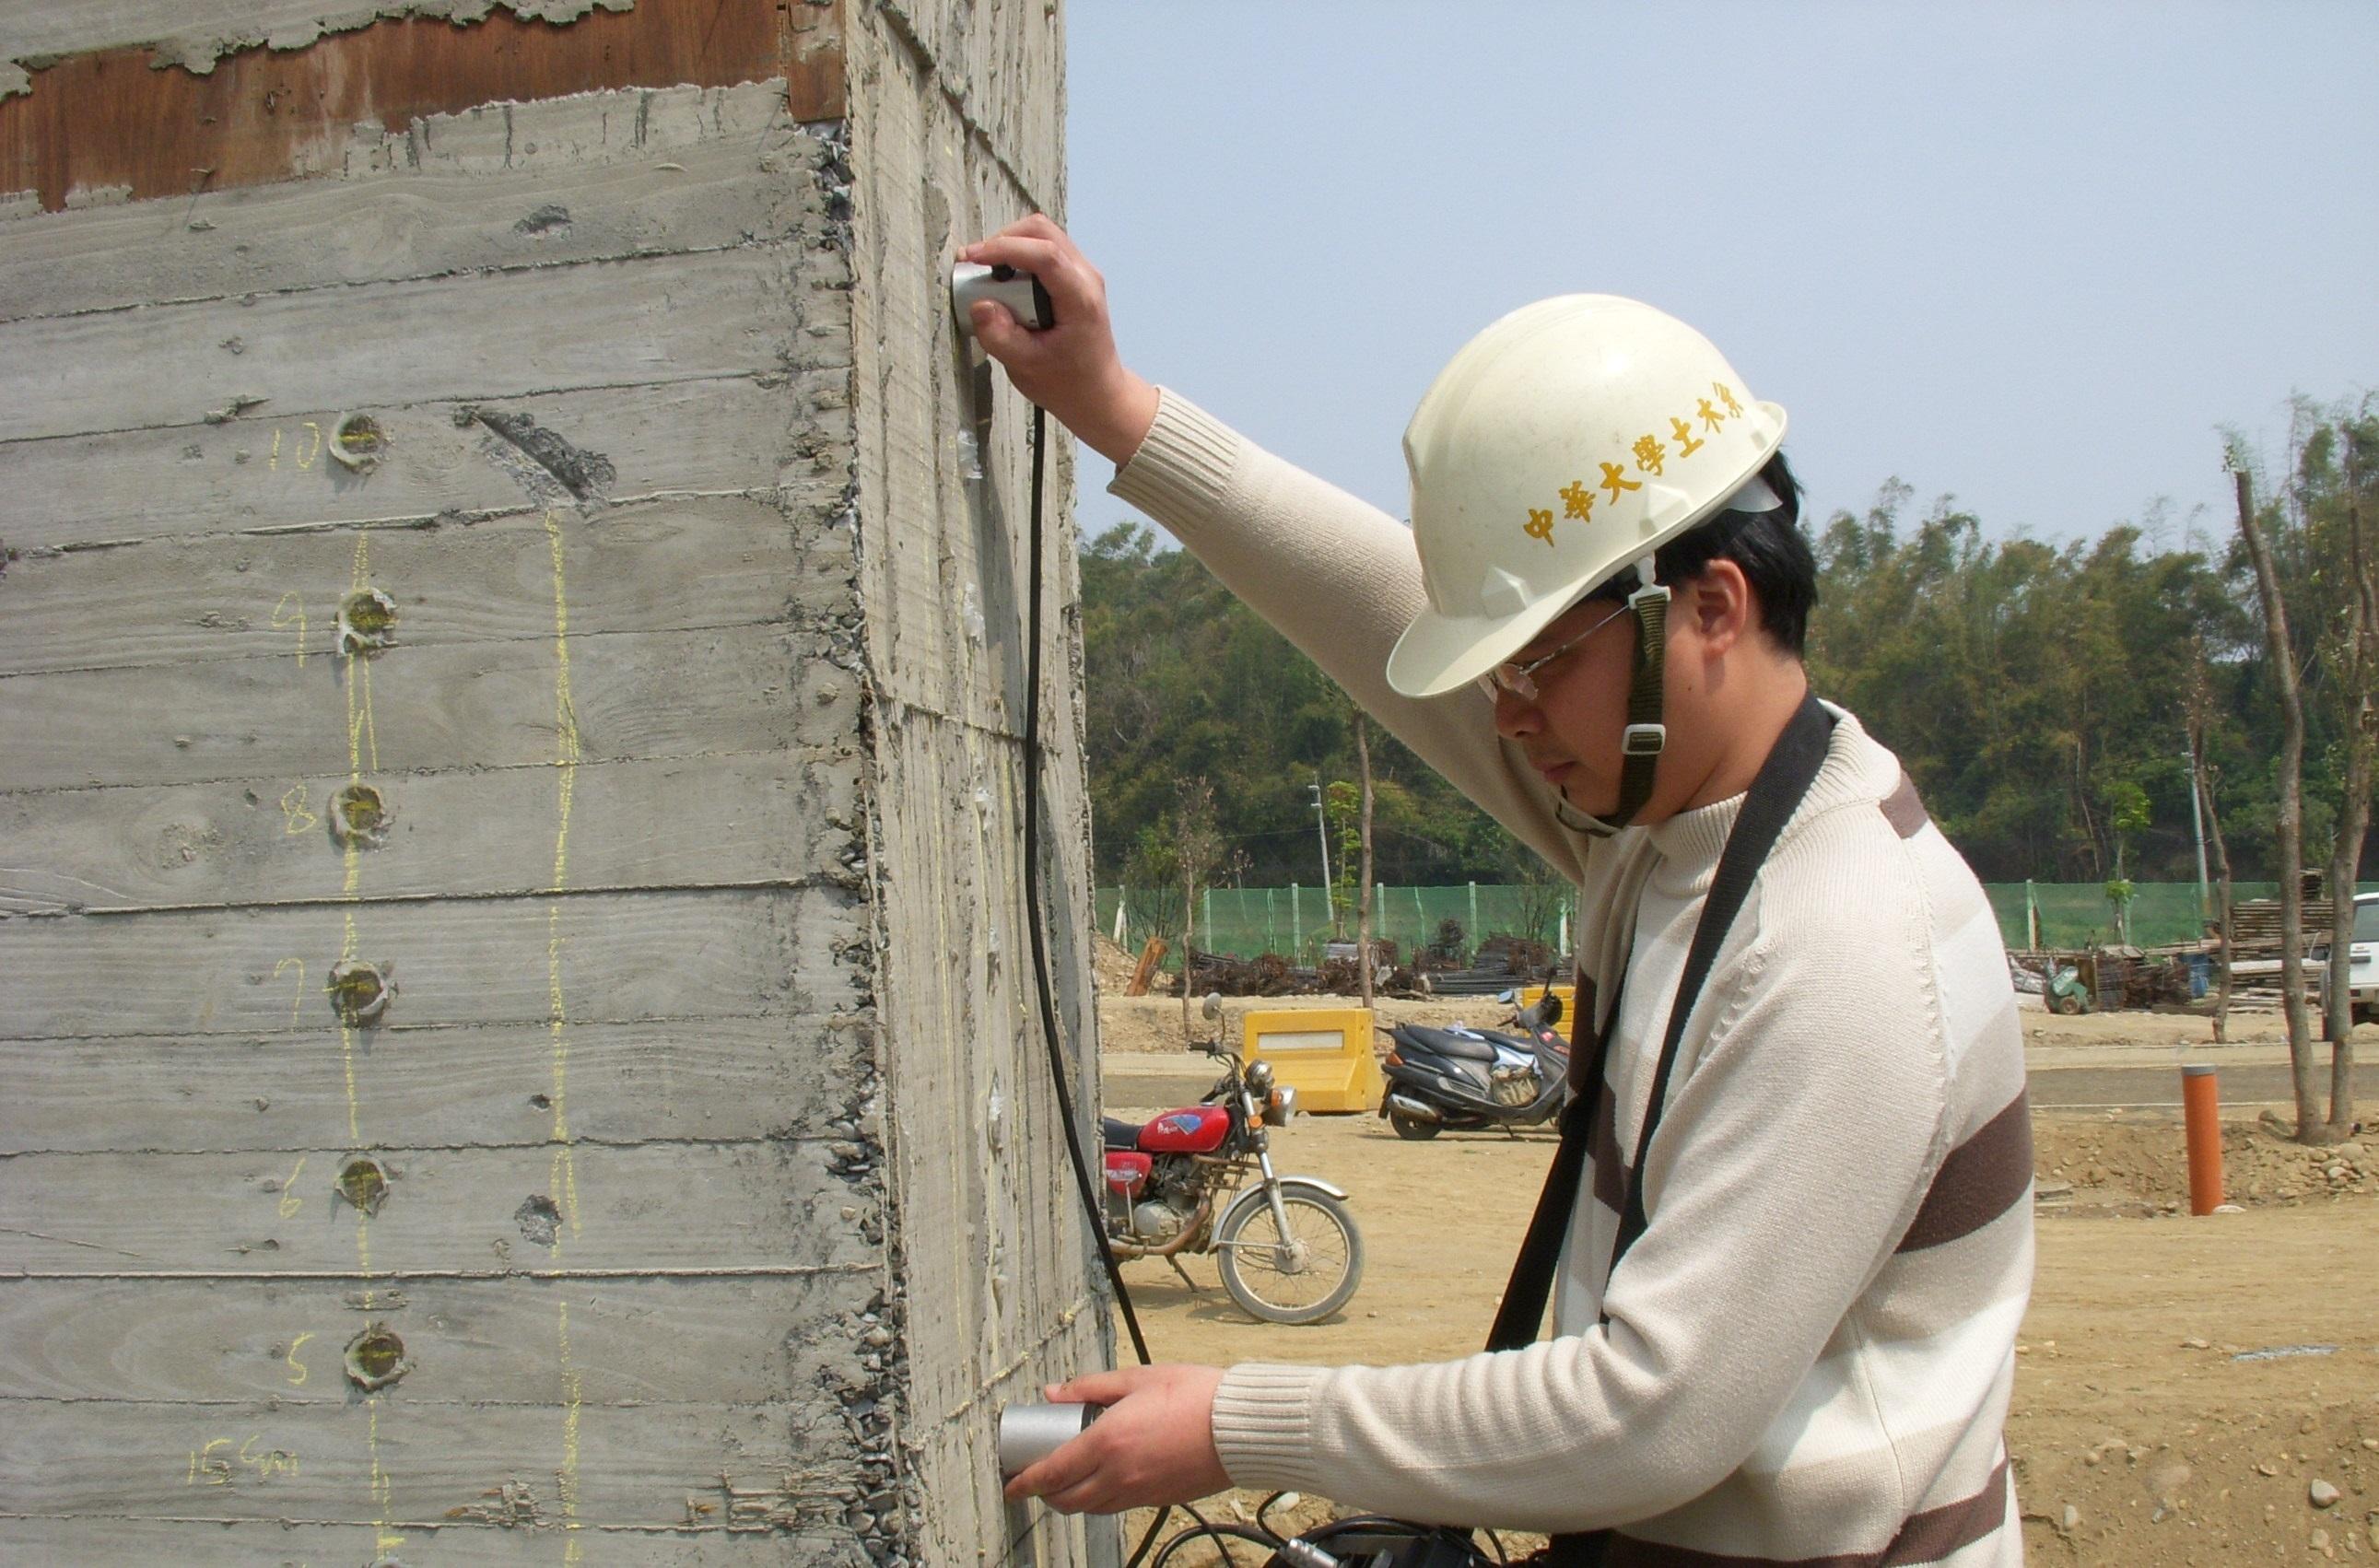 本系同學透過「實習」以超音波探測儀進行鋼筋混凝土的非破壞檢測